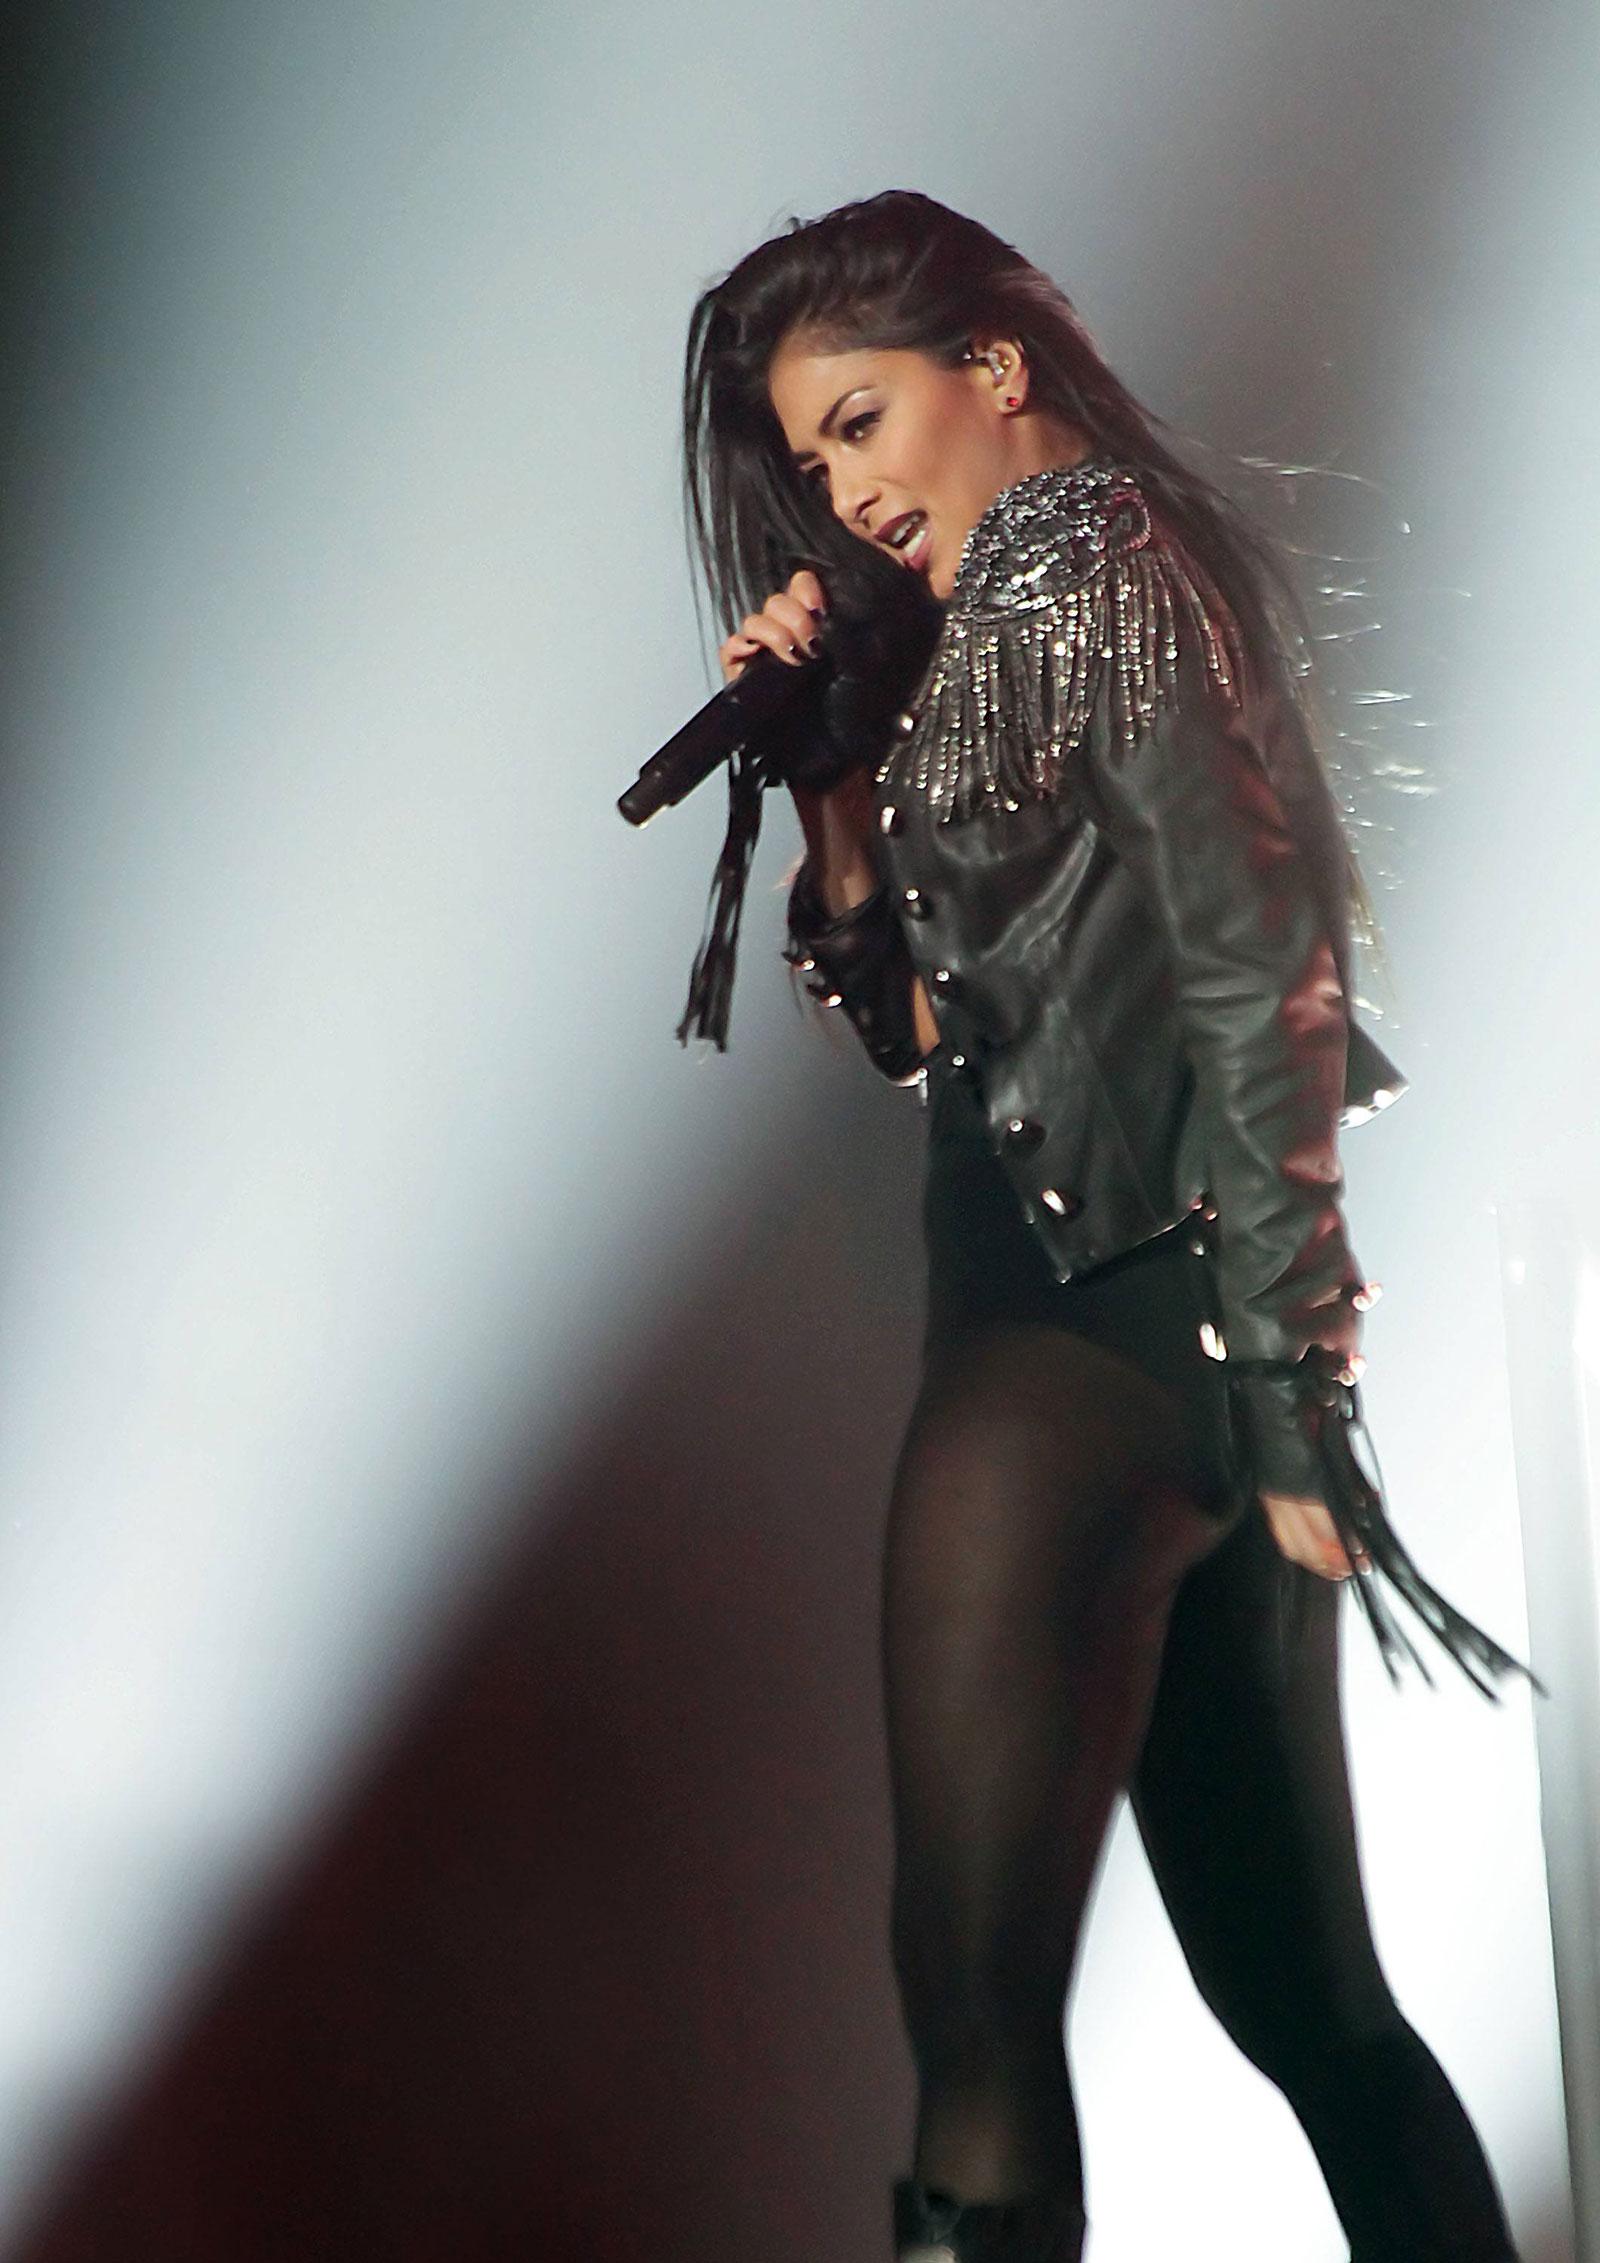 Demi lovato live sexy compilation 3 - 1 part 5